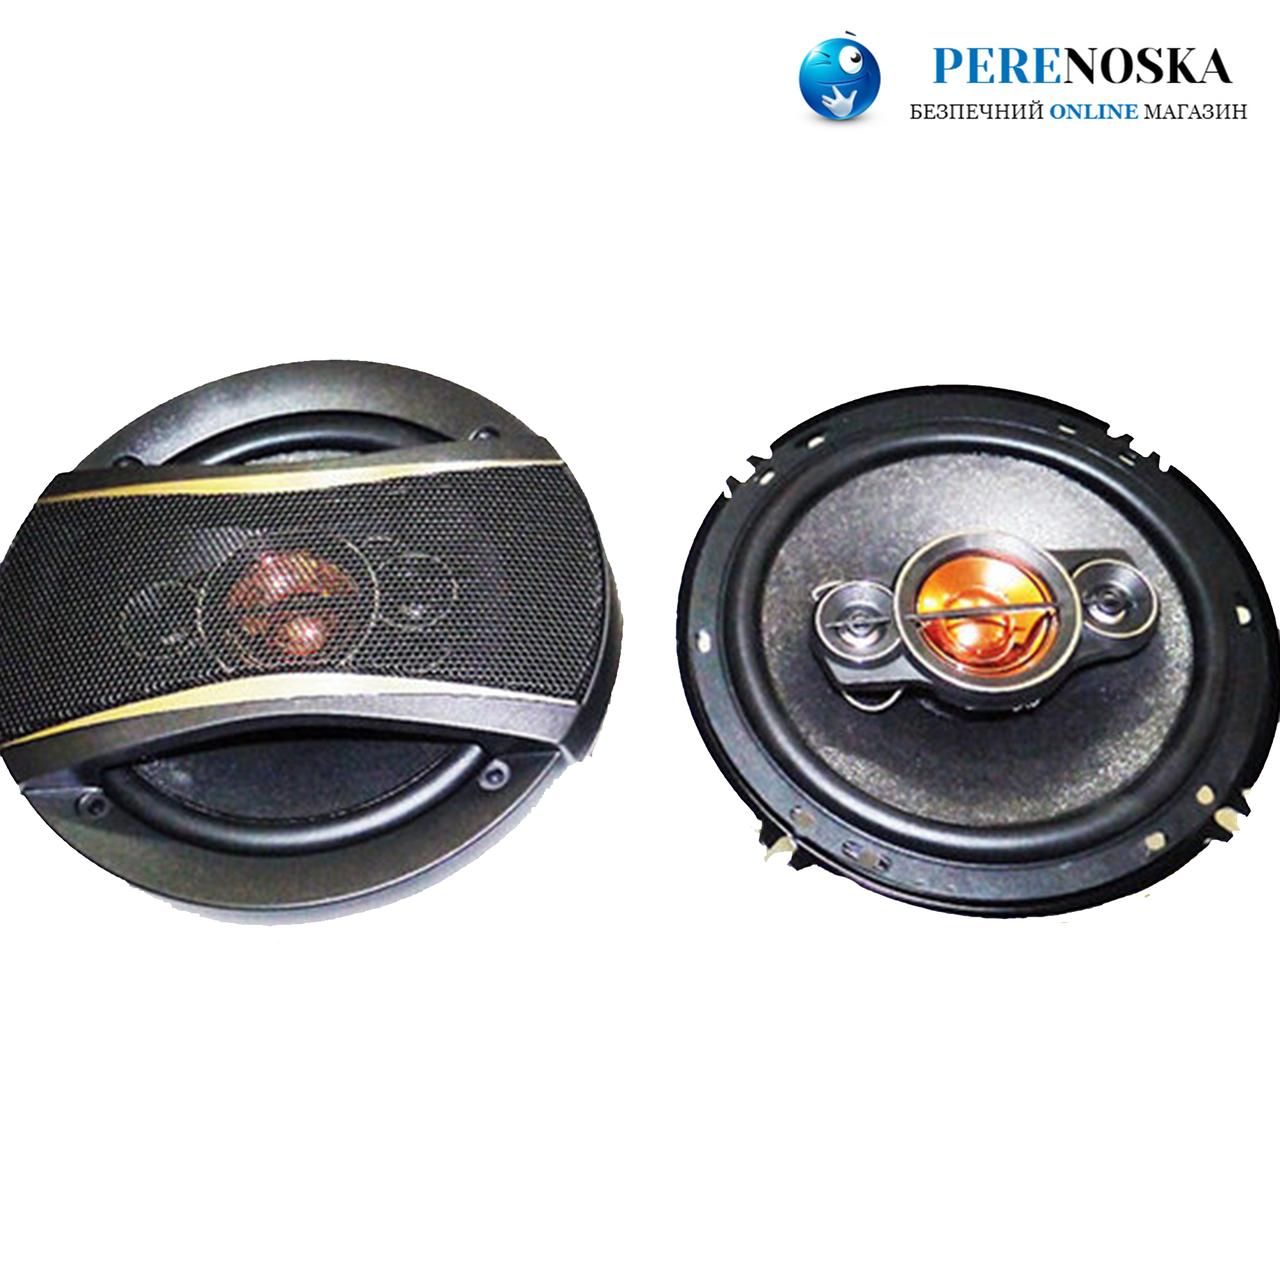 Динамики Pioneer TS-1696E  Мощность (350 W) Двухполосные  + ПРОВОДА